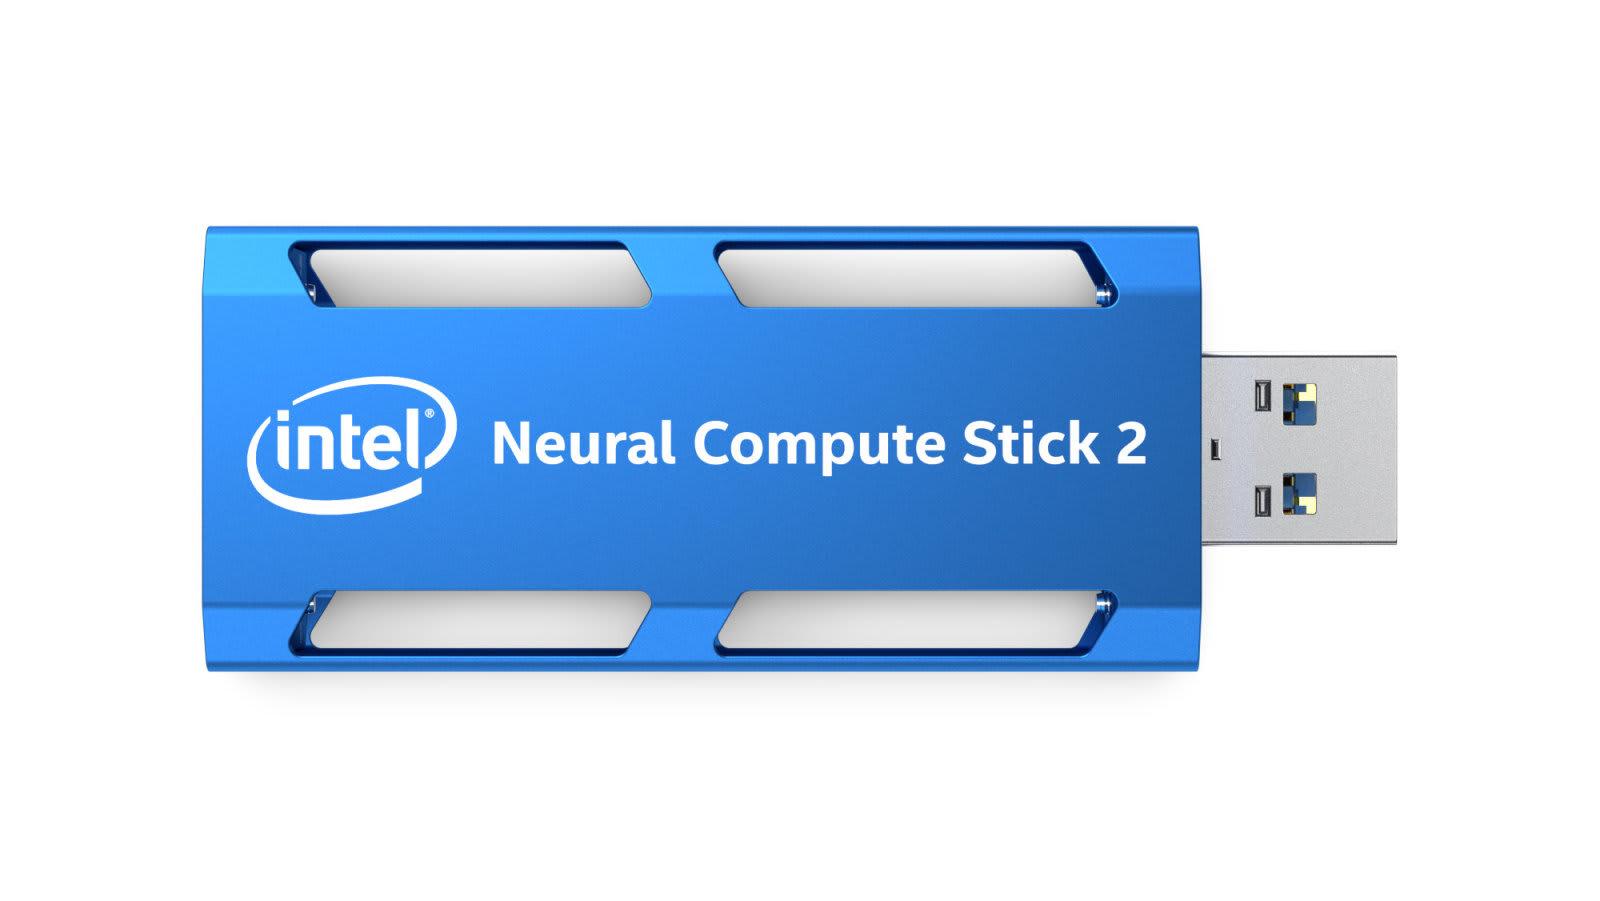 Intel 的「神經元計算棒」讓你把 AI 帶著走